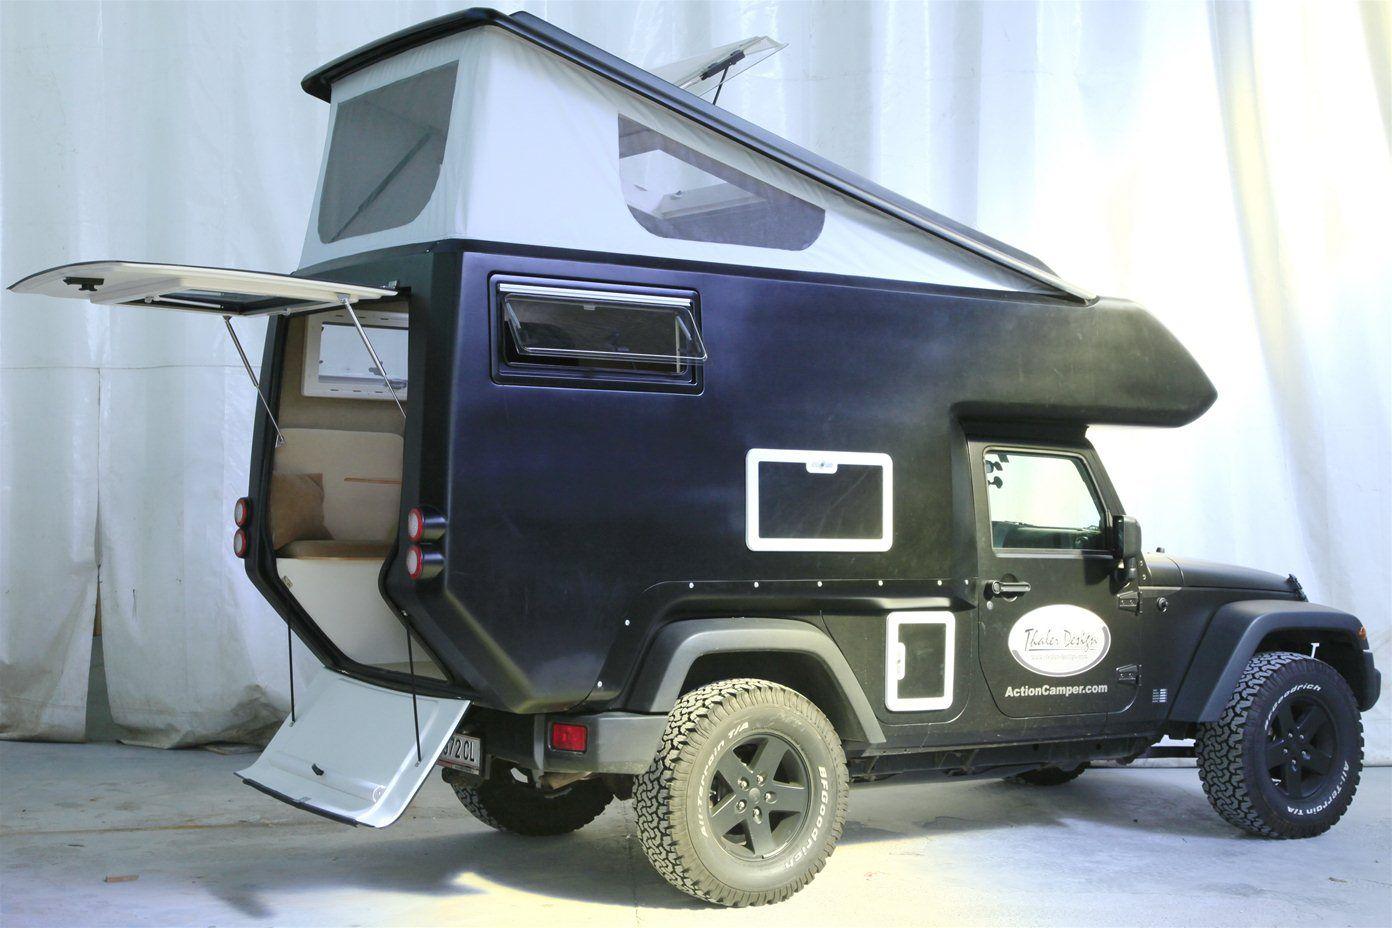 manufacturer 39 s page for jeep actioncamper expedition ready slide on camper jk wrangler. Black Bedroom Furniture Sets. Home Design Ideas